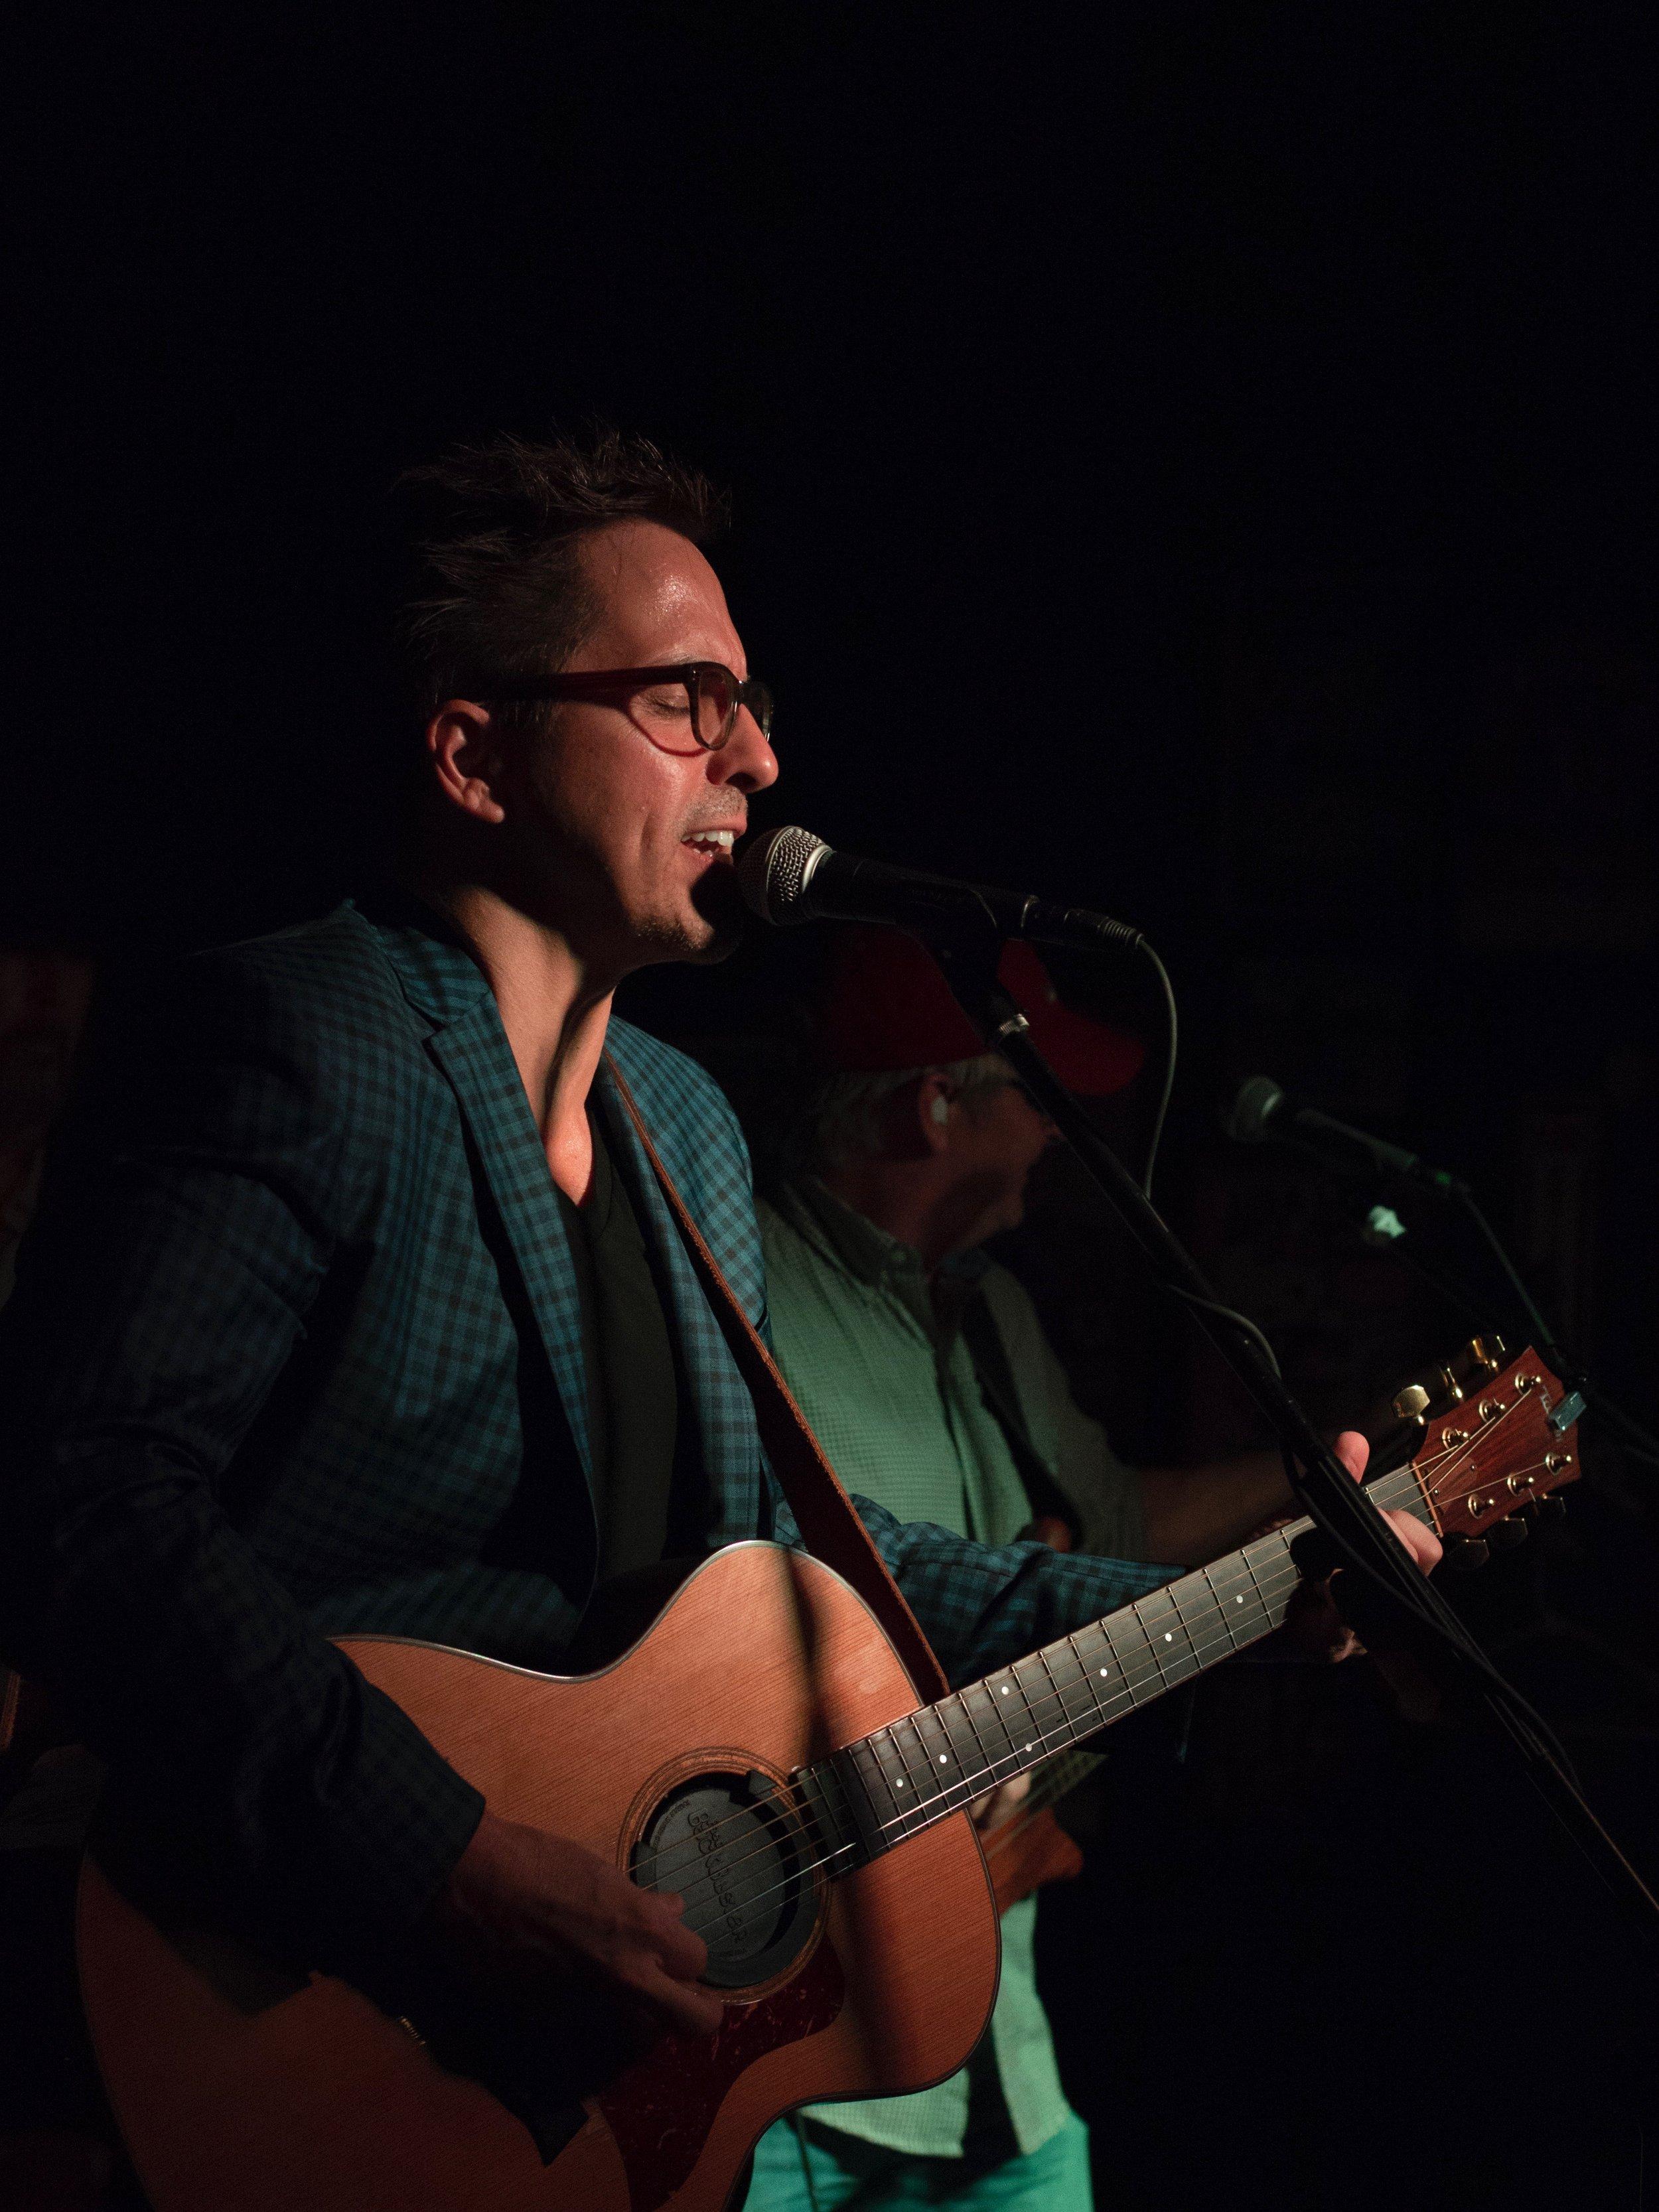 Steve Baskin Atlanta Singer Songwriter Smiths ATL Acoustic sm.jpg